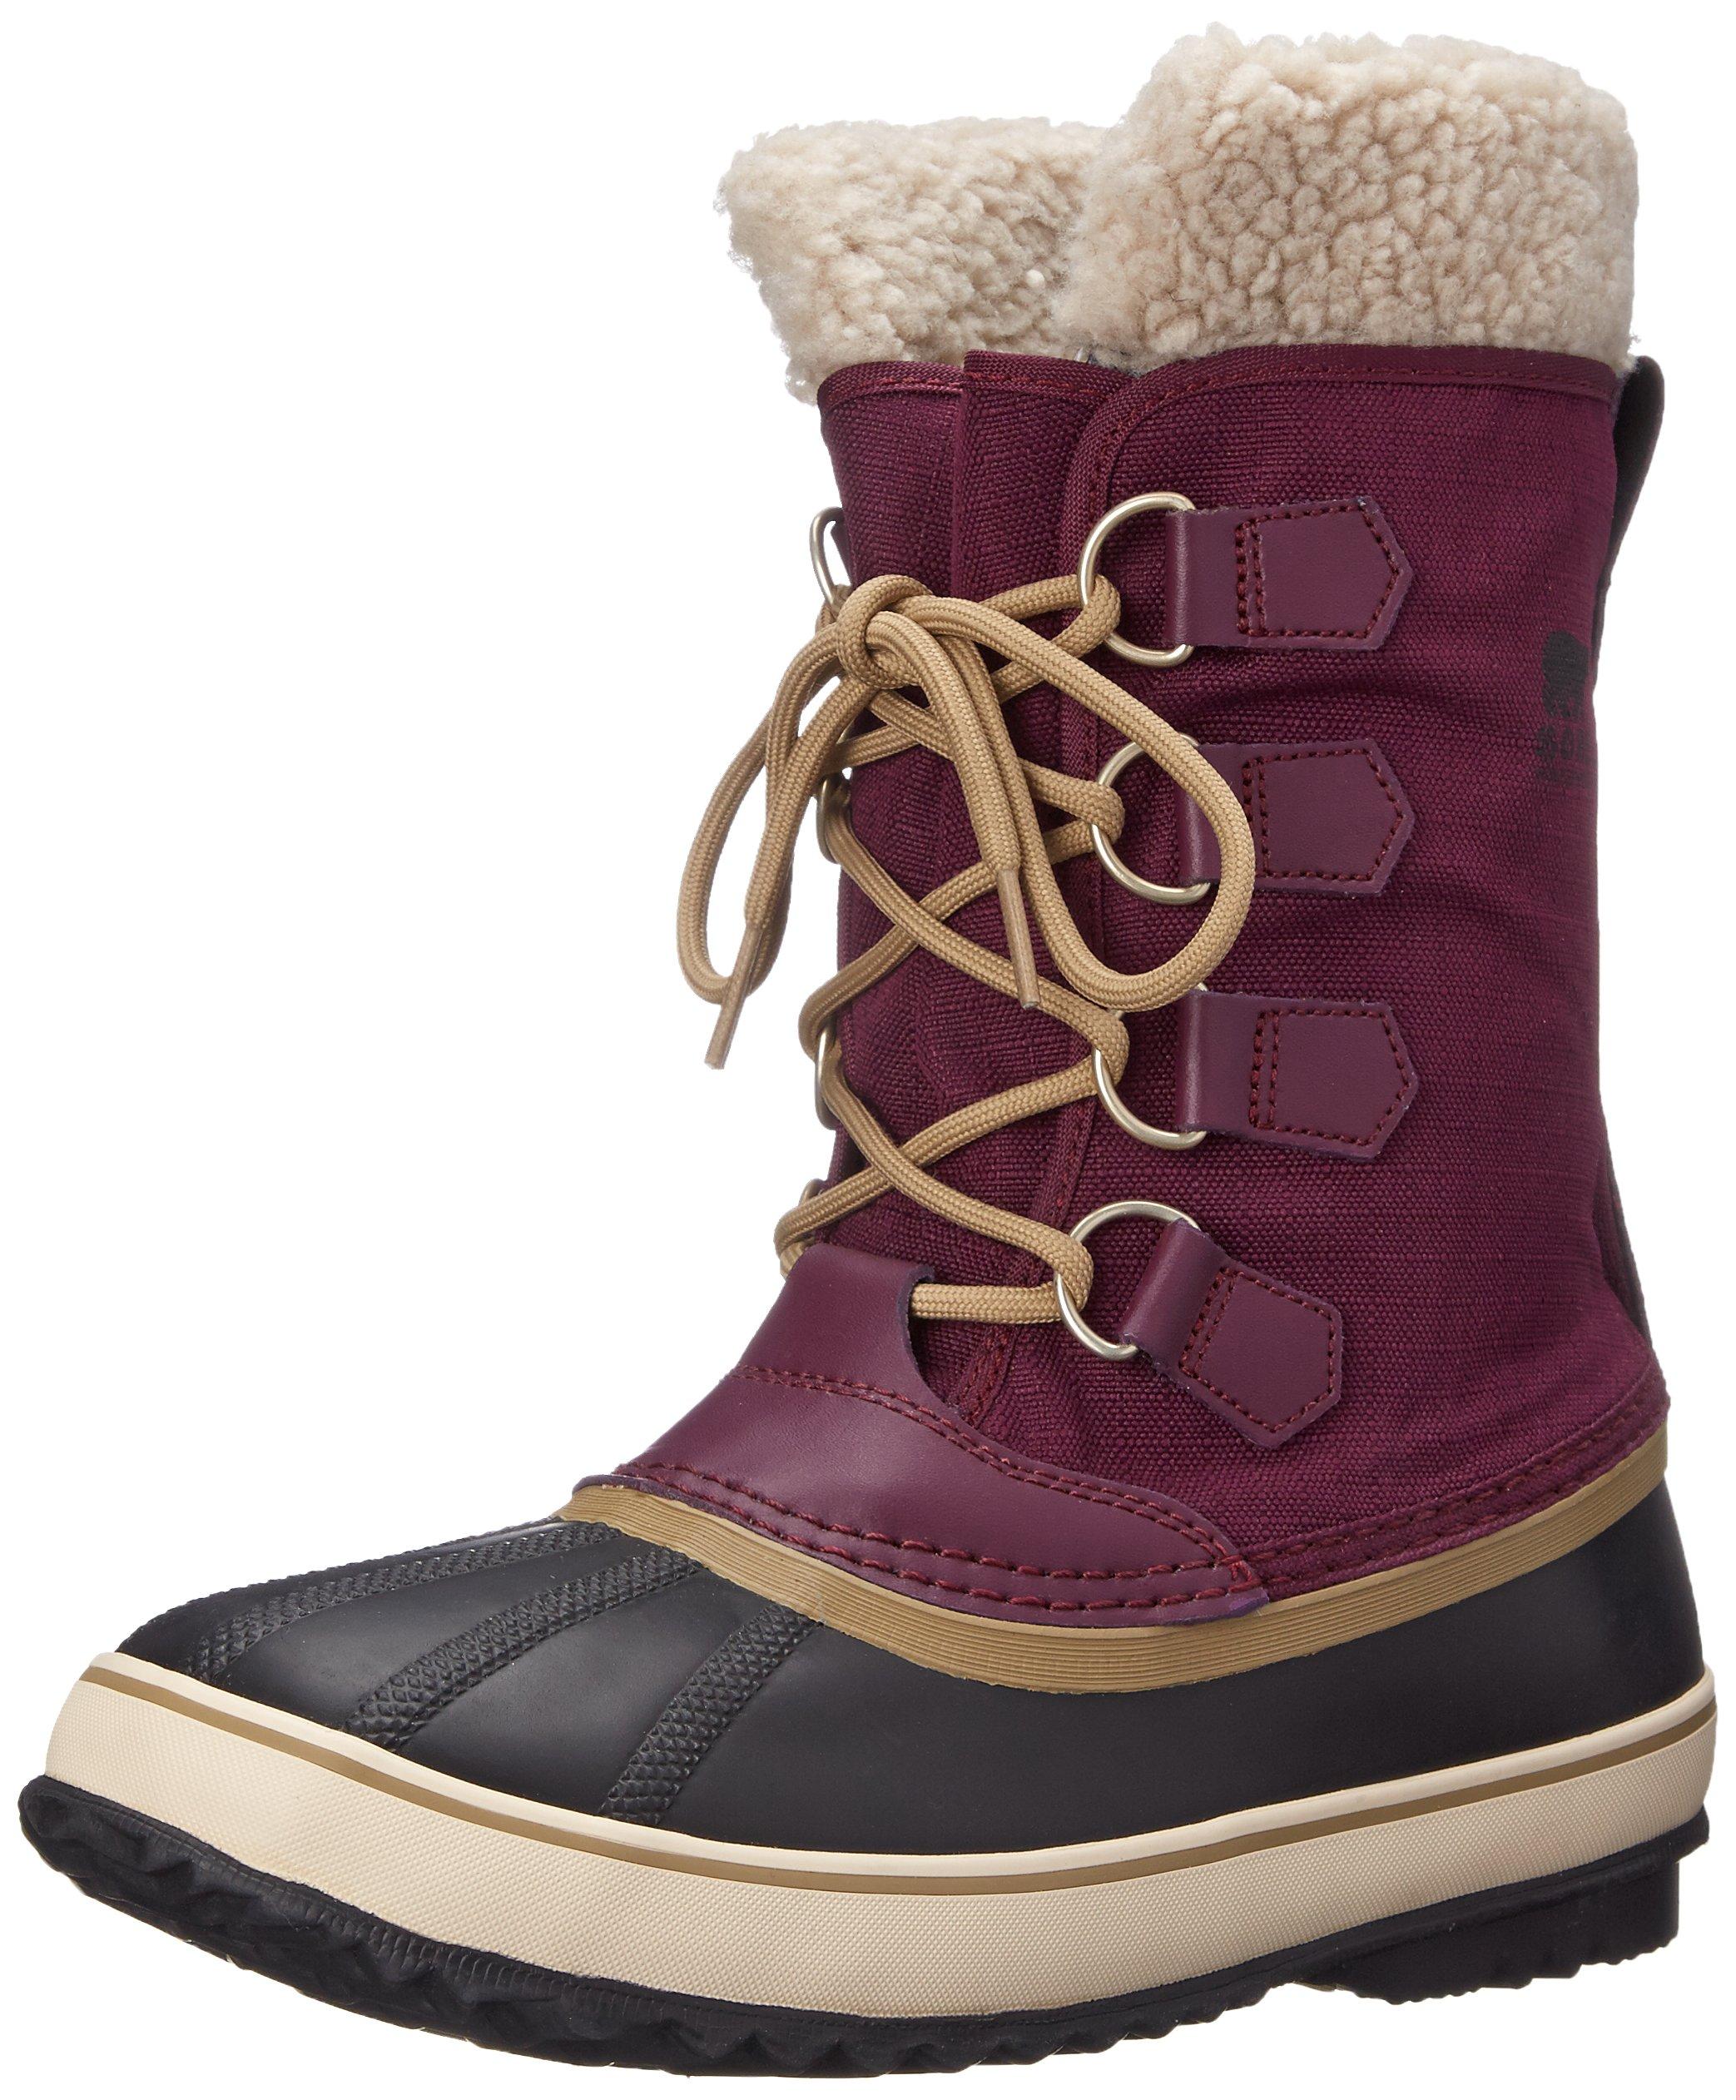 Sorel Women's Winter Carnival Boot, Purple Dahlia, 10 M US